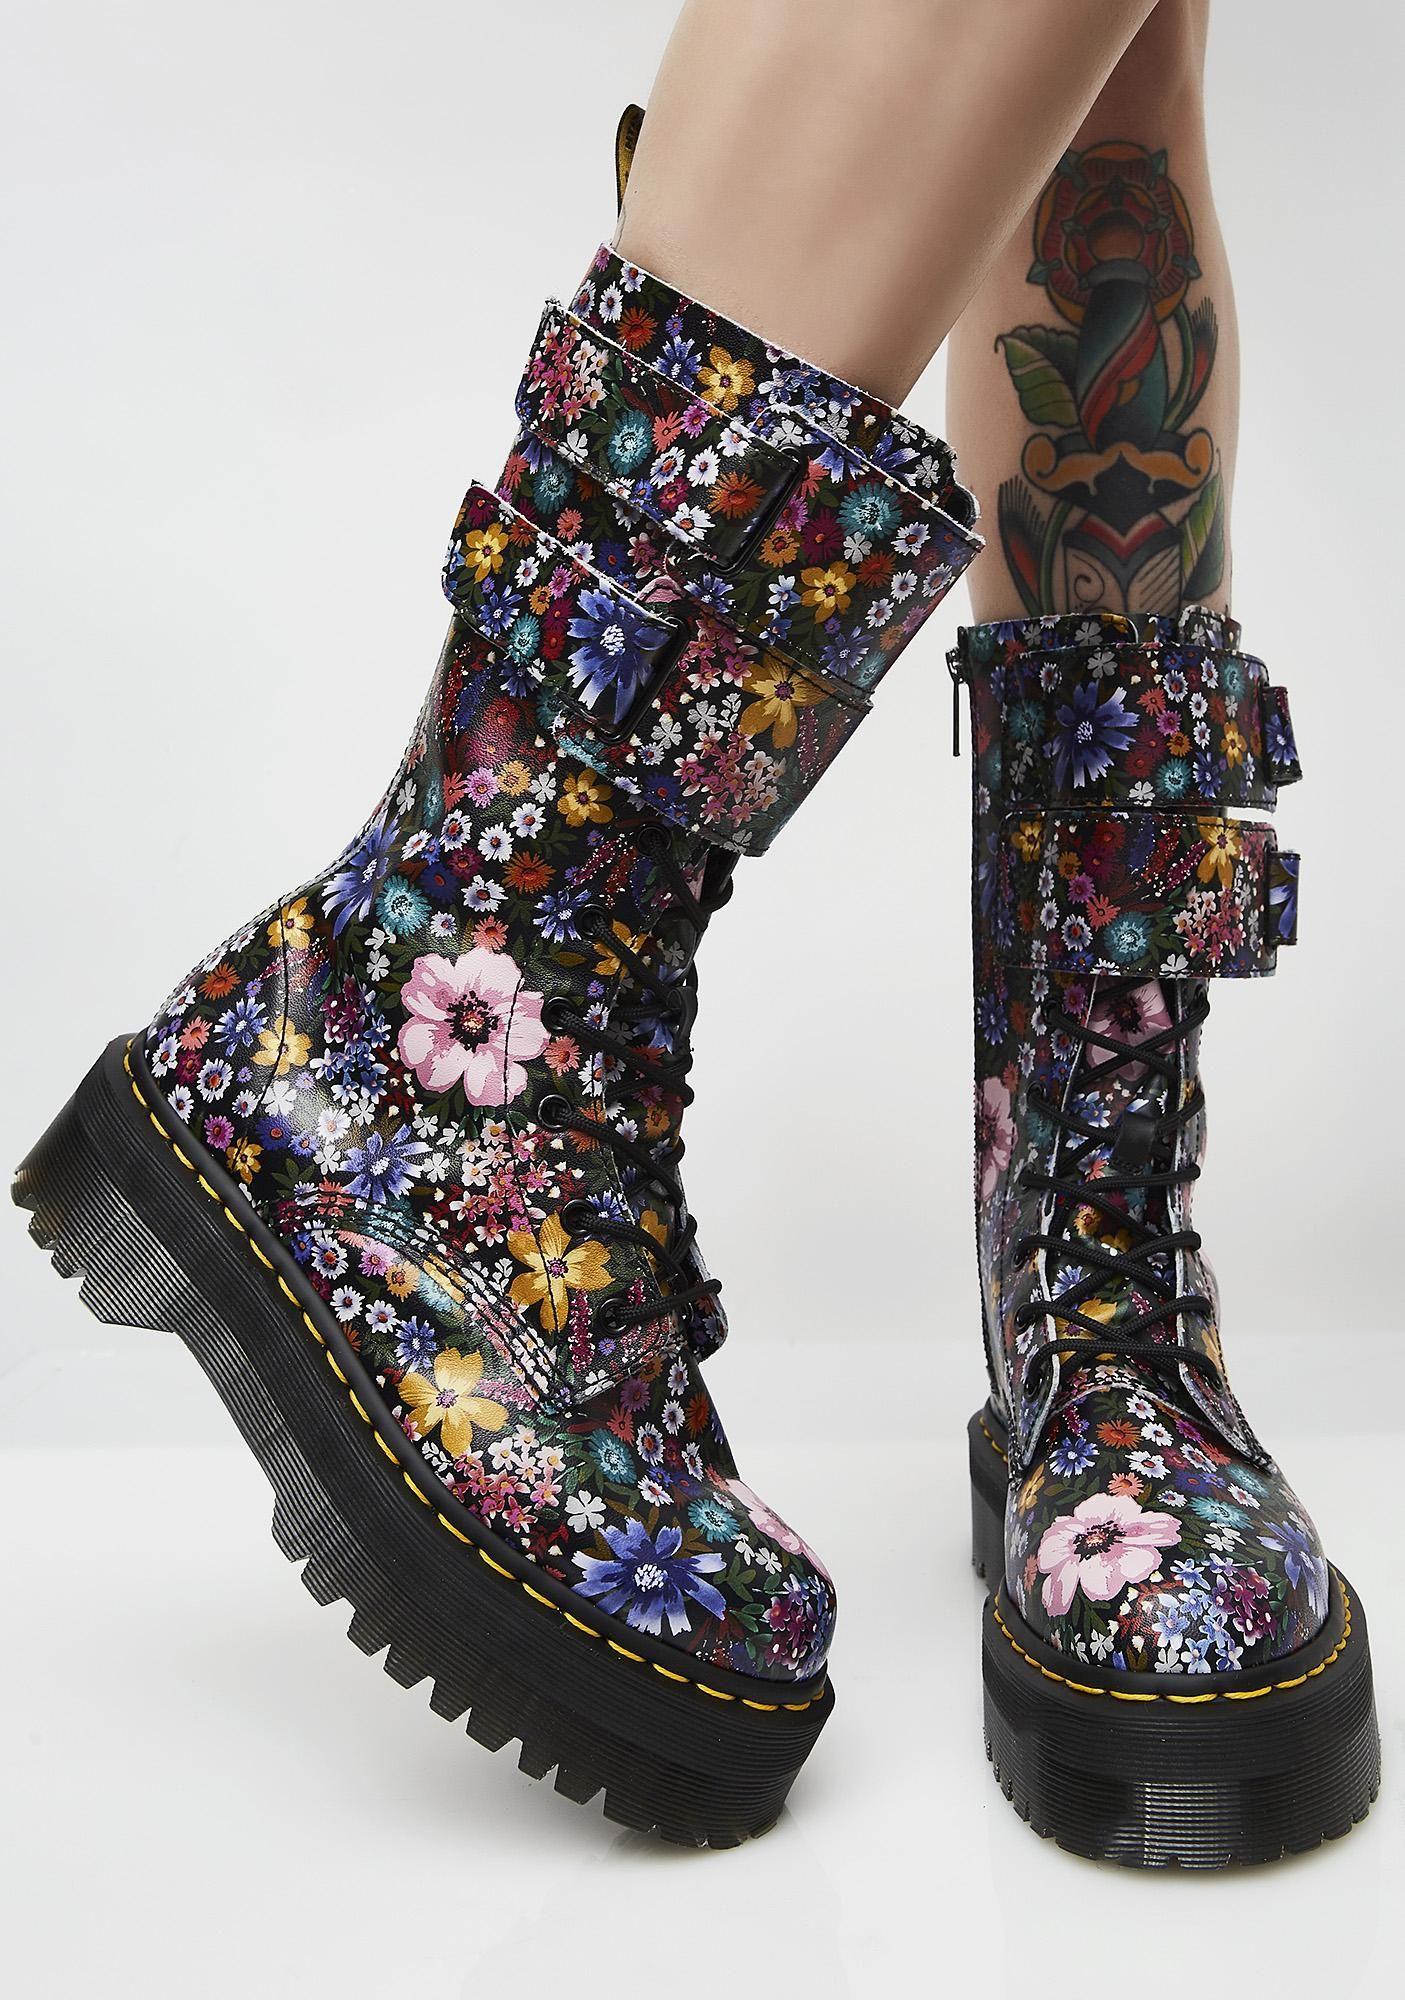 90b14432aa3d8 Dr. Martens Wanderlust Jagger Boots